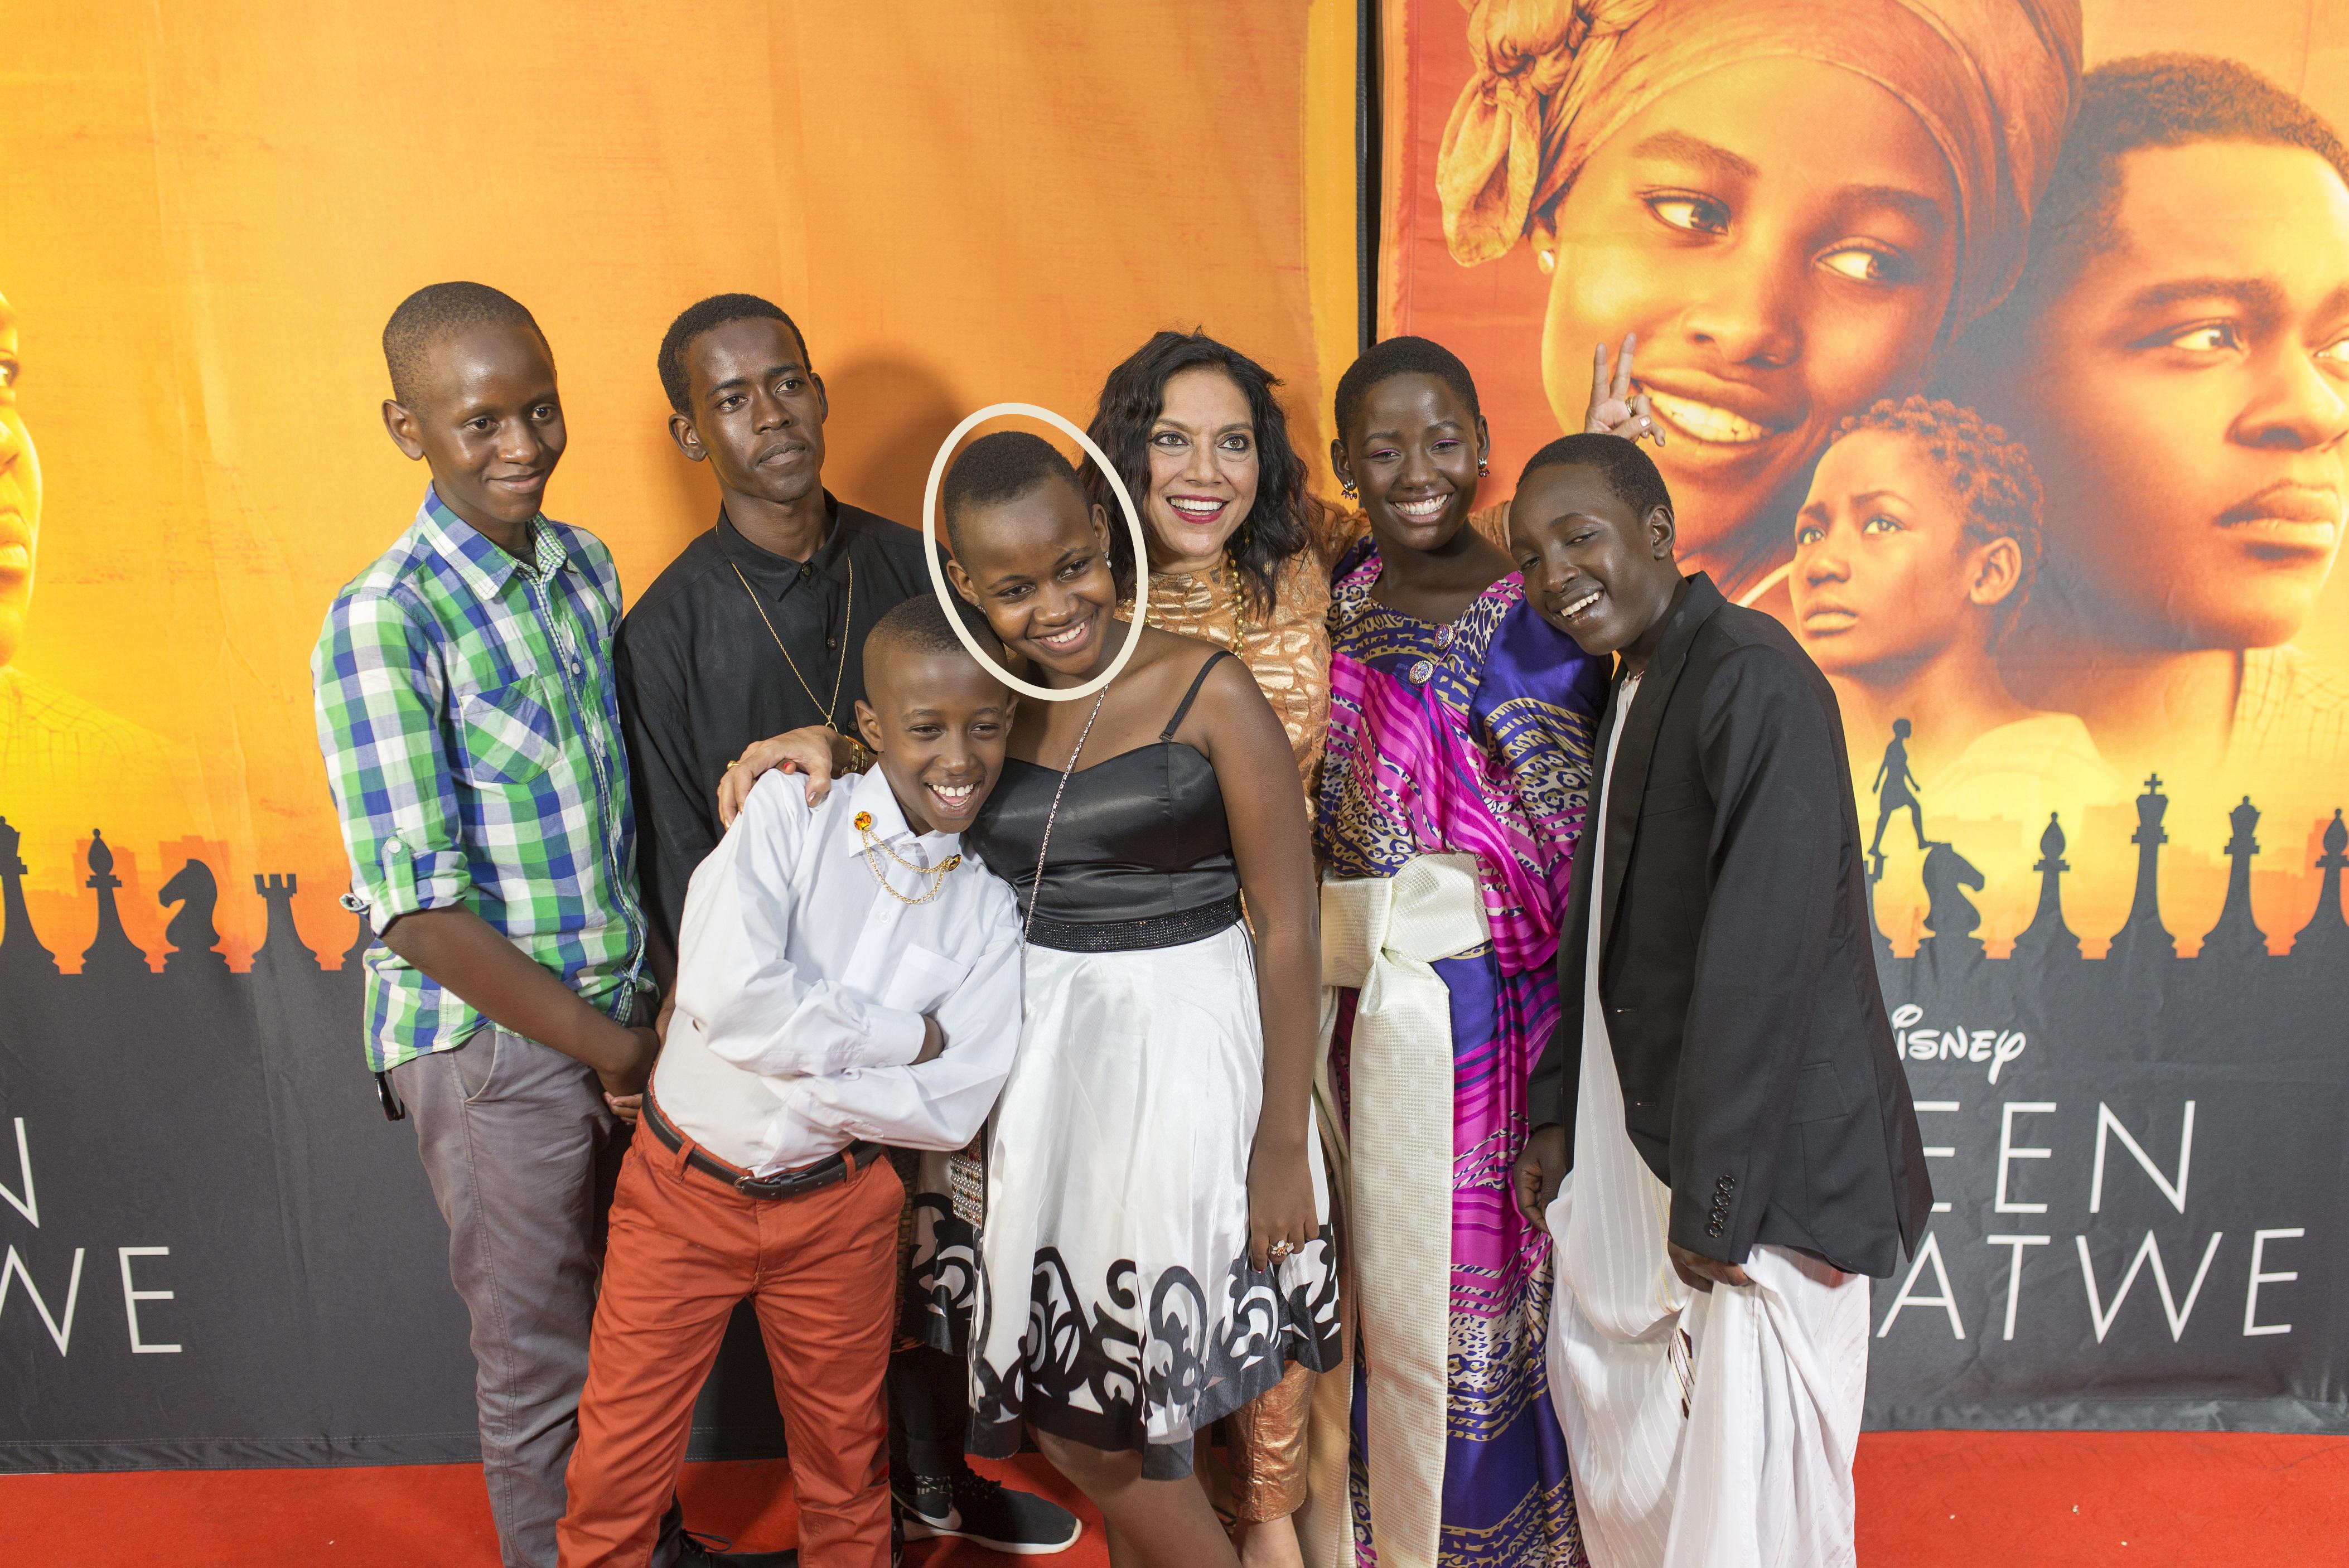 """Ronald Ssemaganda (Ivan), Ethan Lubega (Benjamin), Nikita Waligwa (Gloria), Mira Nair (Dir), Madina Nalwanga (Phiona), Martin Kabanza (Brian) at the Uganda premiere of Disney's """"Queen of Katwe"""" on Saturday, October 1, 2016 in Kampala. The film, starring David Oyelowo, Oscar winner Lupita Nyong'o and newcomer Madina Nalwanga, is directed by Mira Nair and opens on 7 October 2016."""